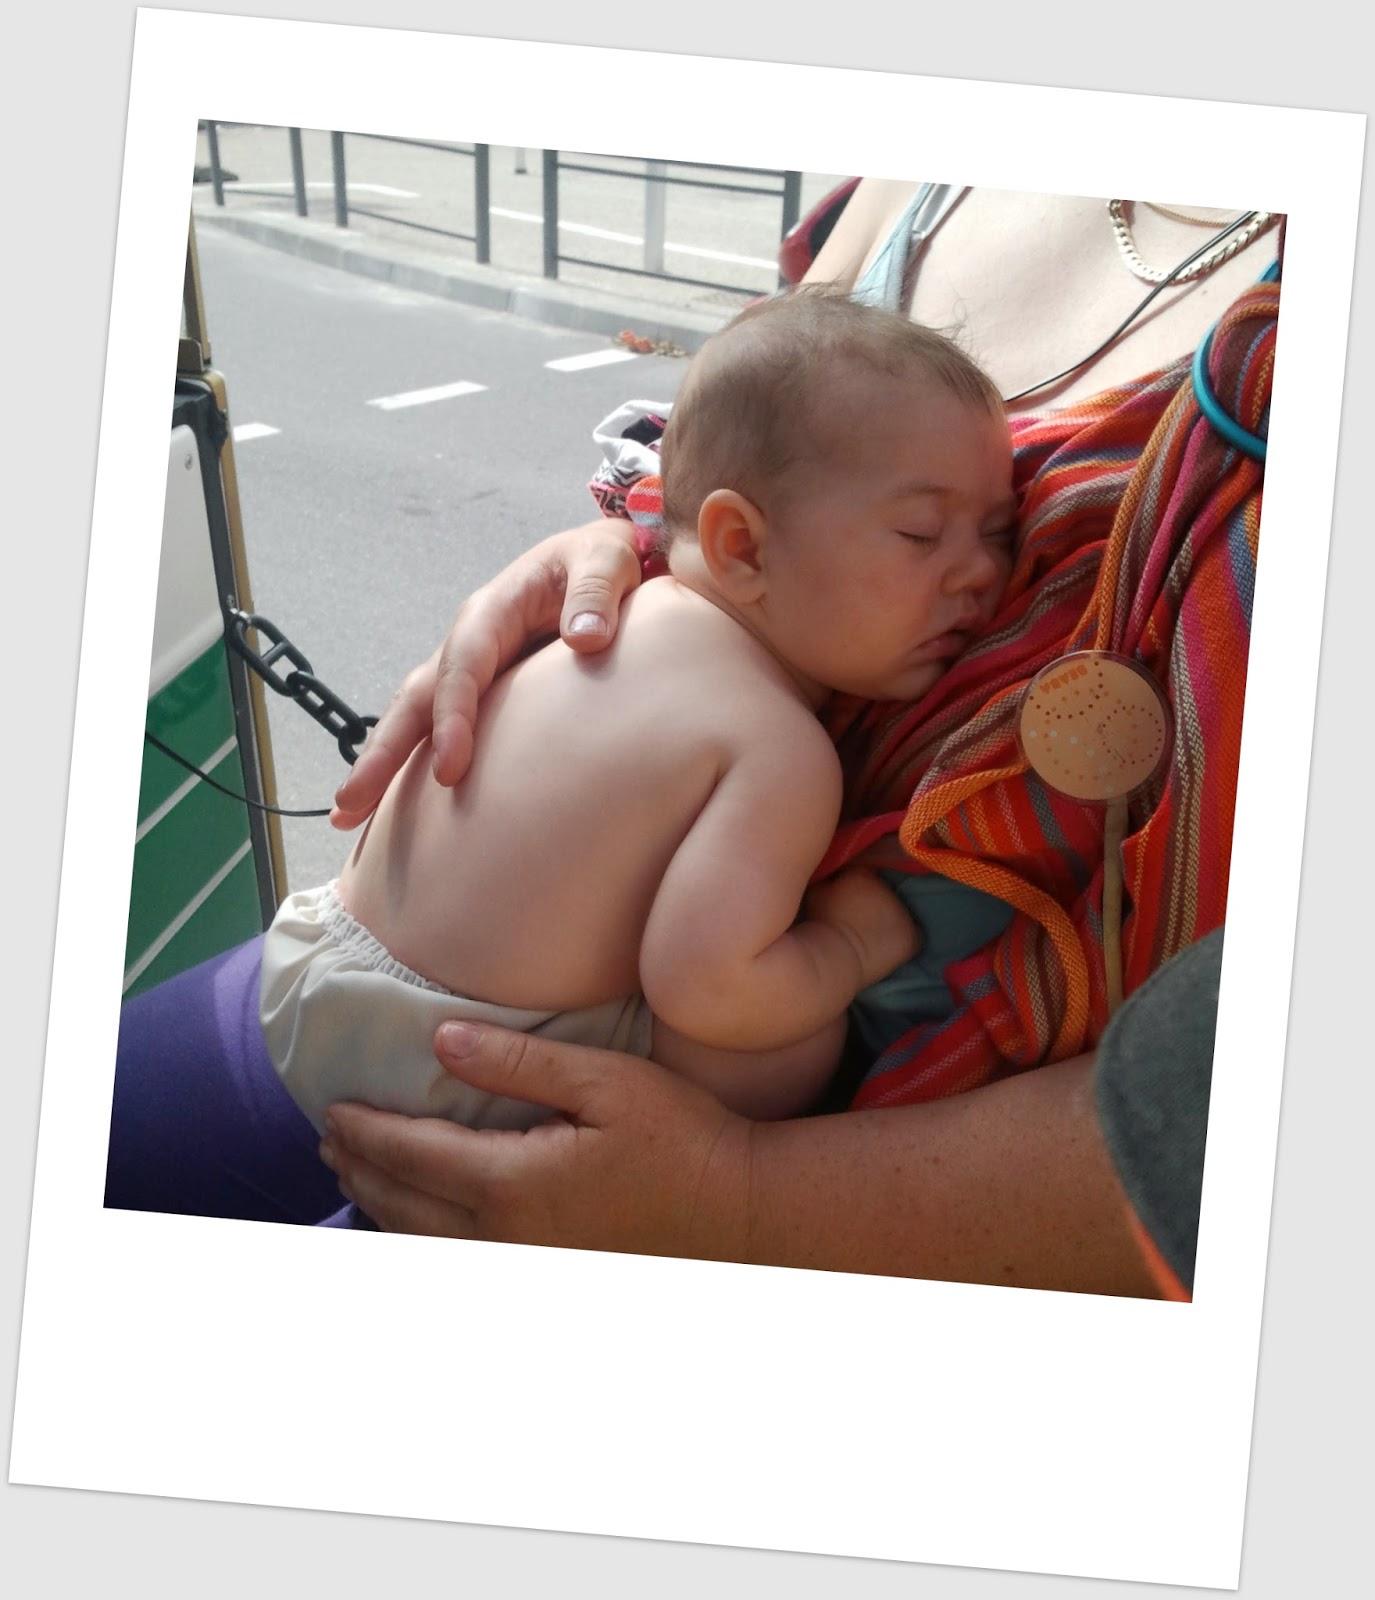 néobulle portage bébé couches lavables porter portage été vacances